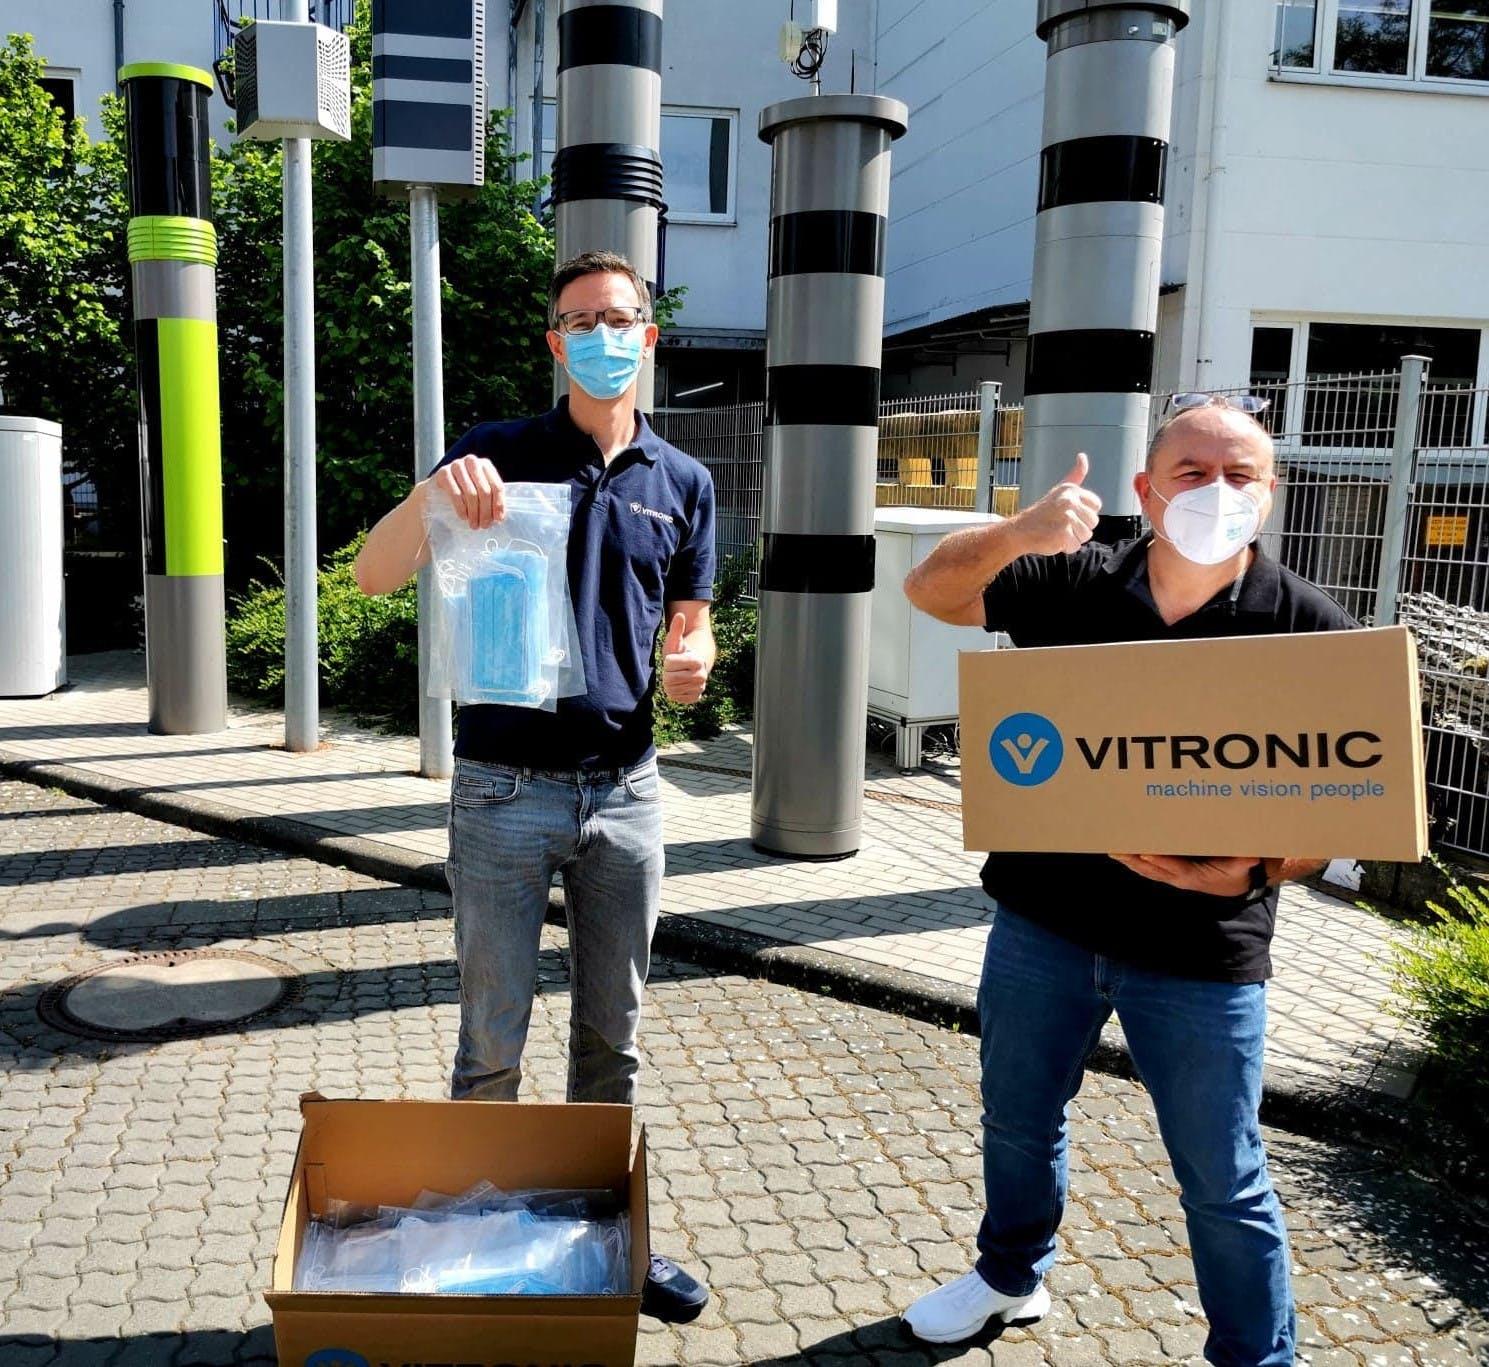 VITRONIC organisiert Mund-Nasen-Masken für soziale Einrichtungen in Wiesbaden